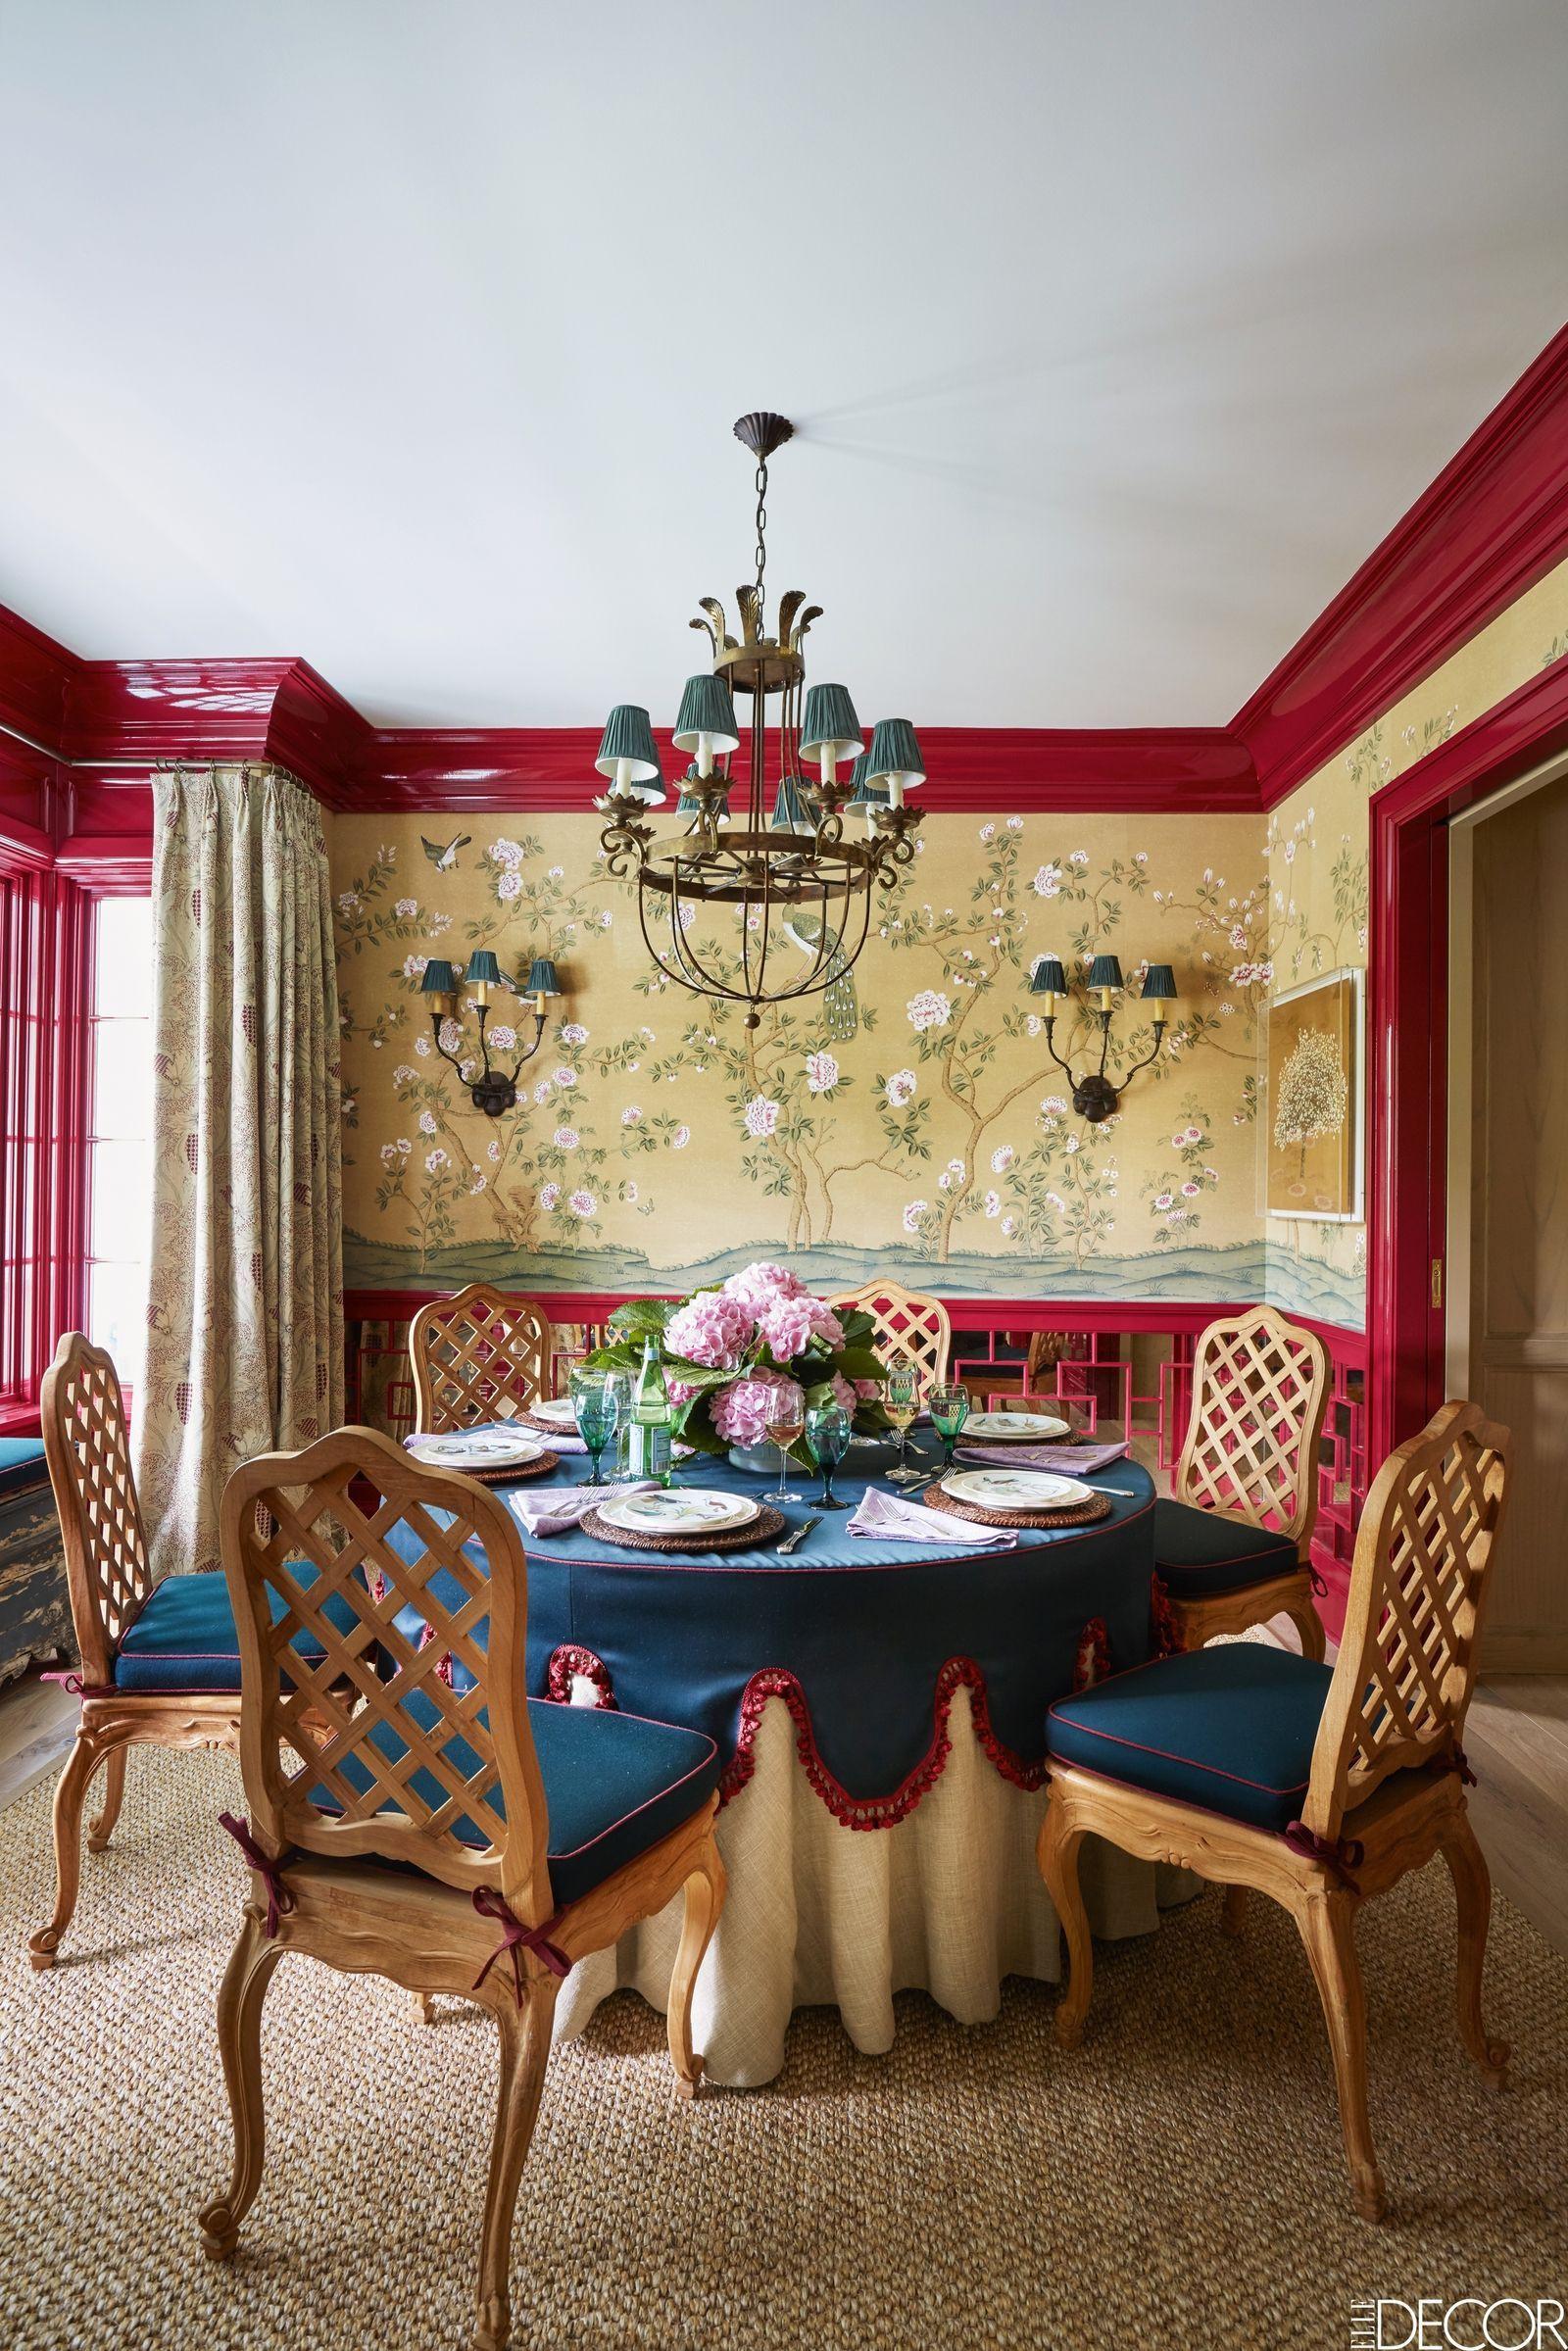 6 gam màu trang trí nhà lấy cảm hứng từ mùa thu thơ mộng được tạp chí nội thất danh giá khuyên dùng - Ảnh 20.